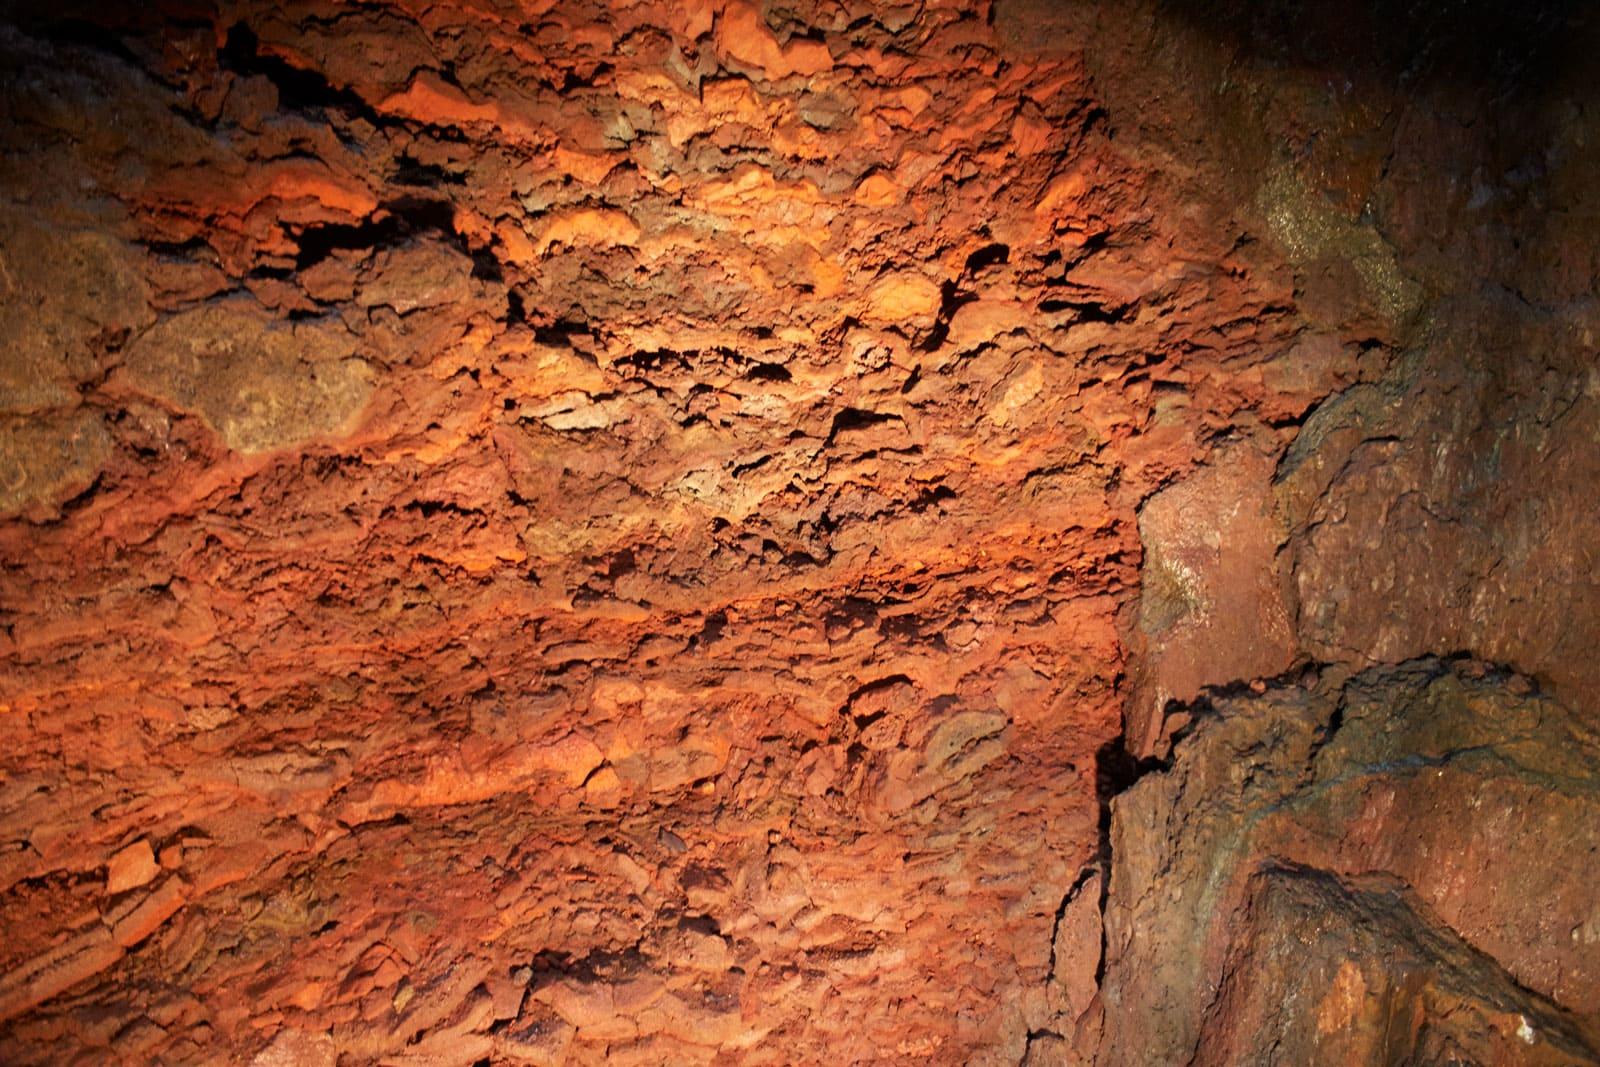 porige rote Lavawand in einem erloschenen Vulkan